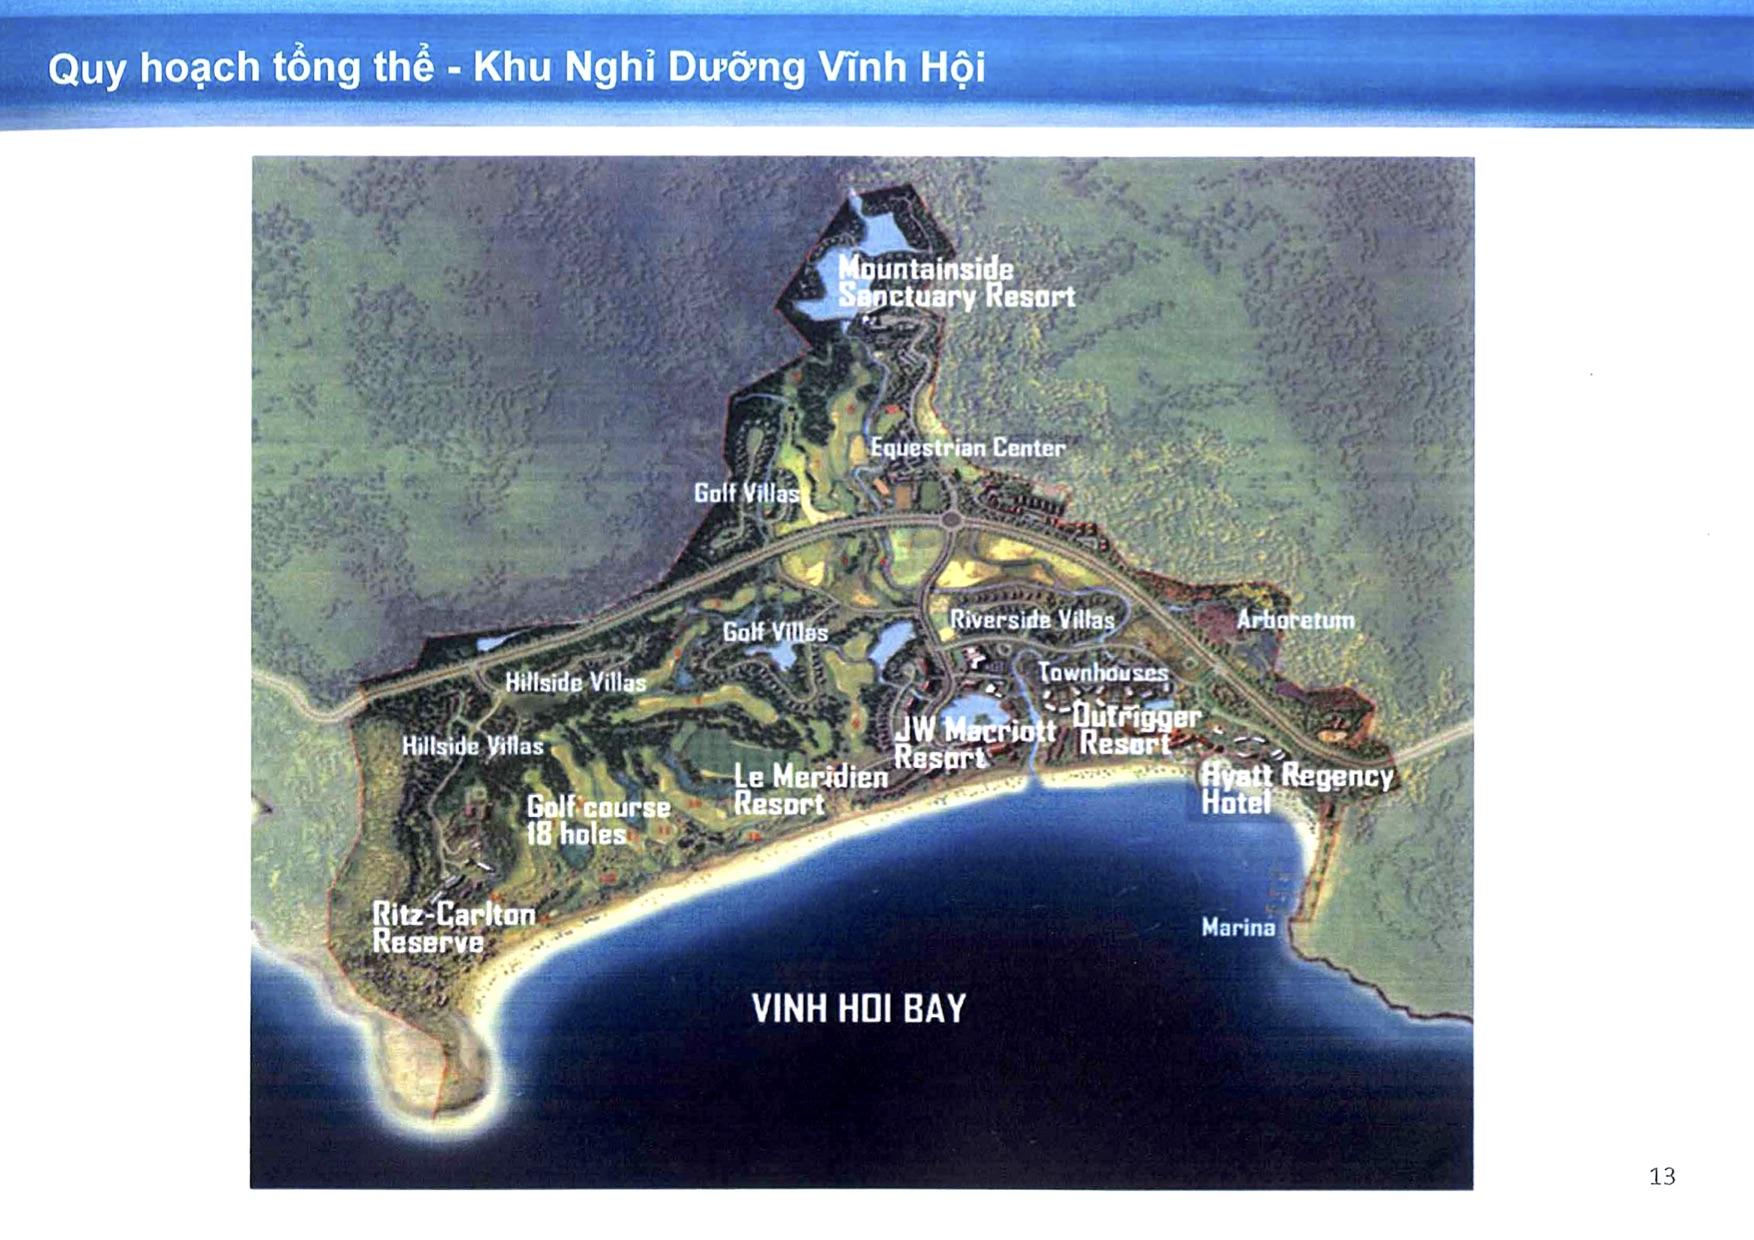 Khu Khách Sạn và Nghĩ Dưỡng Vĩnh Hội 325 ha tại Thôn Vĩnh Hội, Huyện Phù Cát, Tỉnh Bình Định